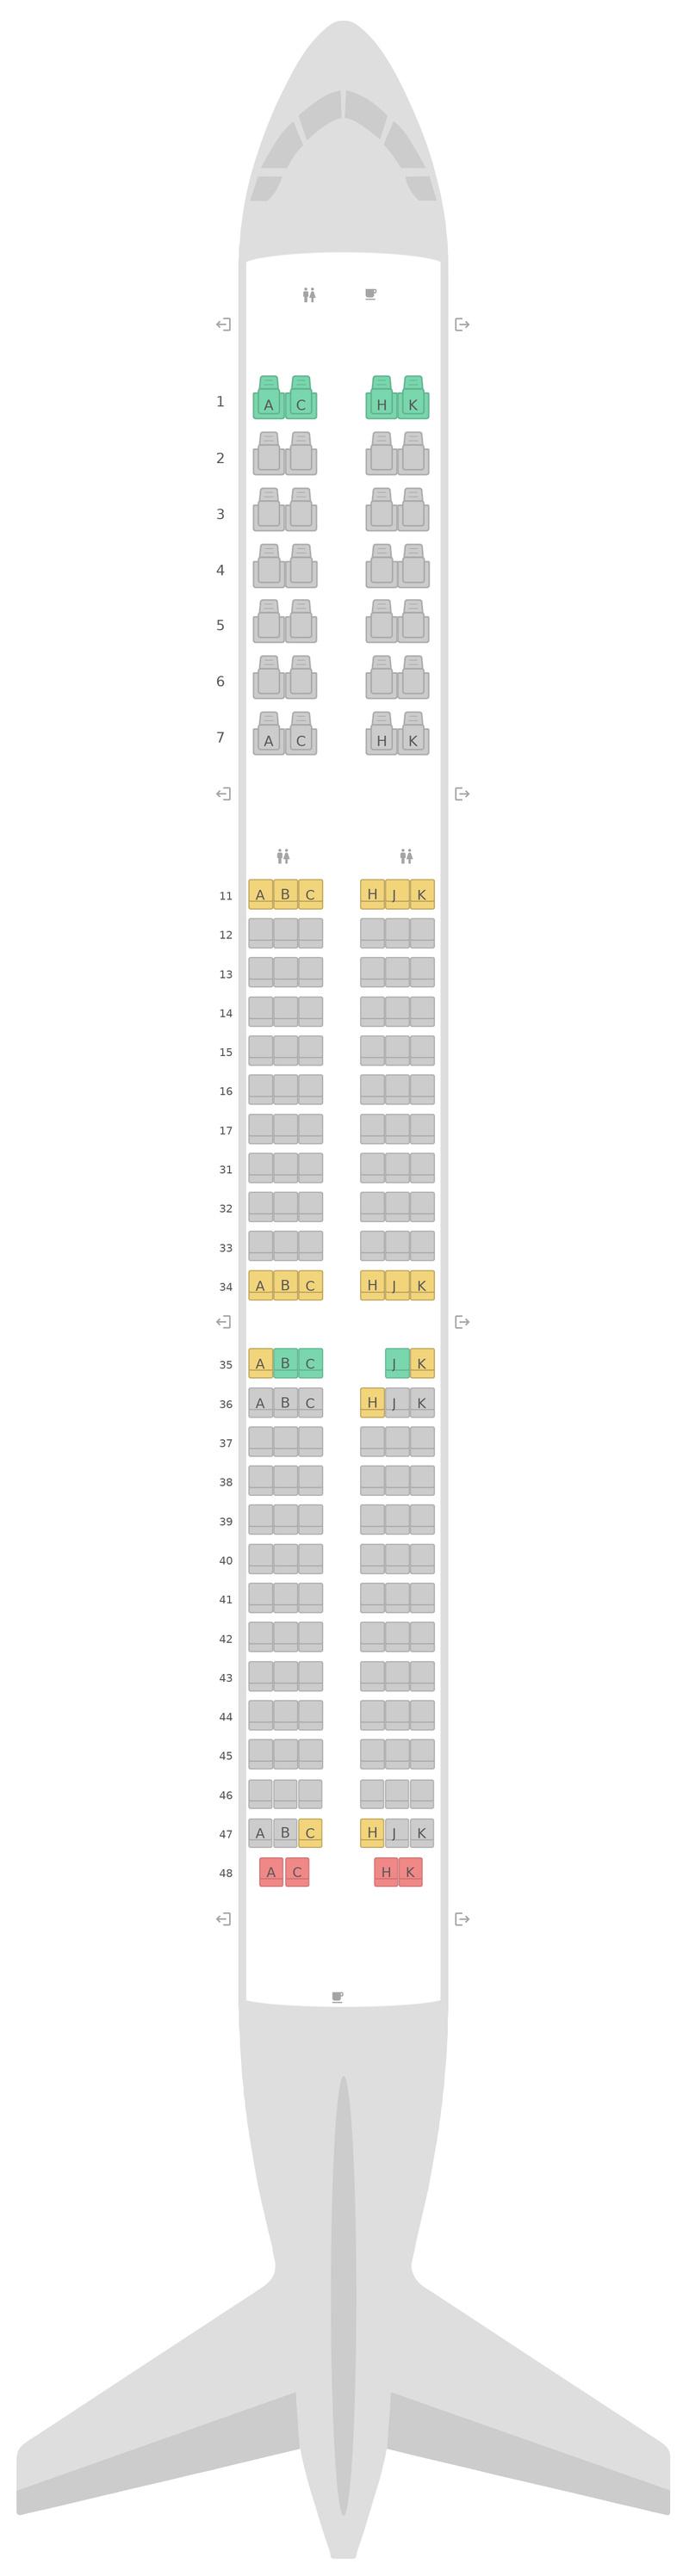 Sitzplan Airbus A321neo Air Astana